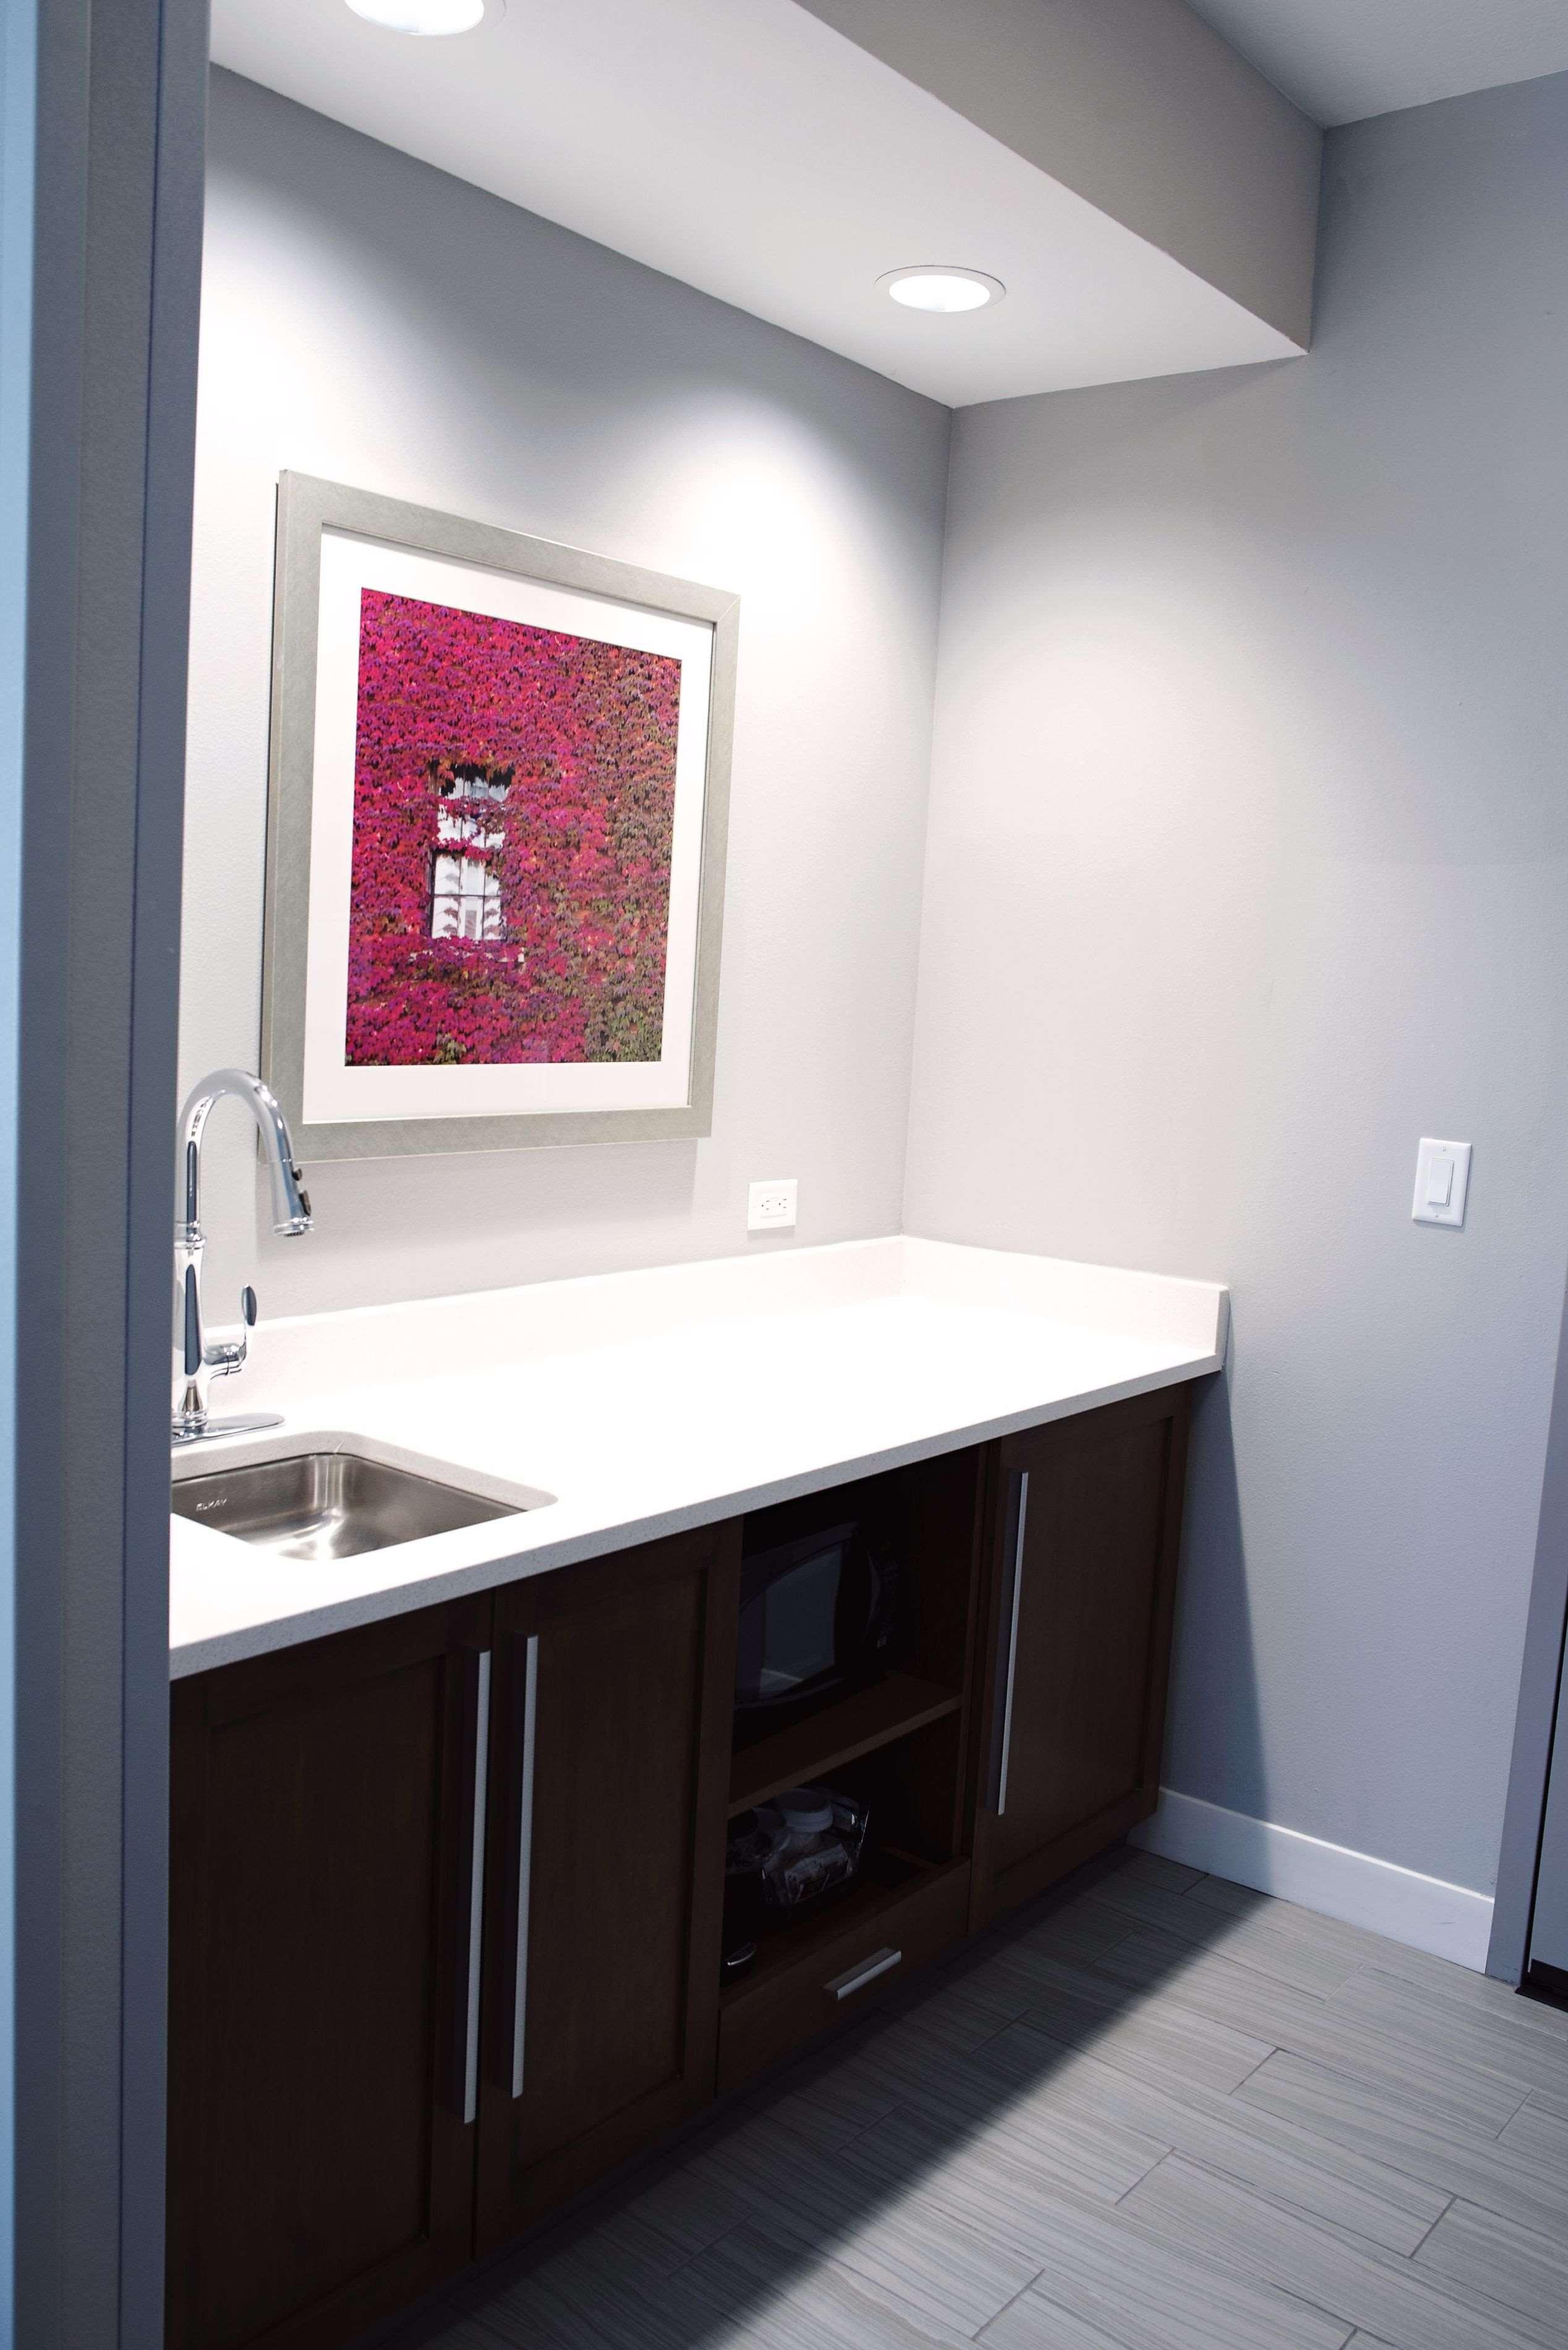 Hampton Inn & Suites Des Moines/Urbandale image 33